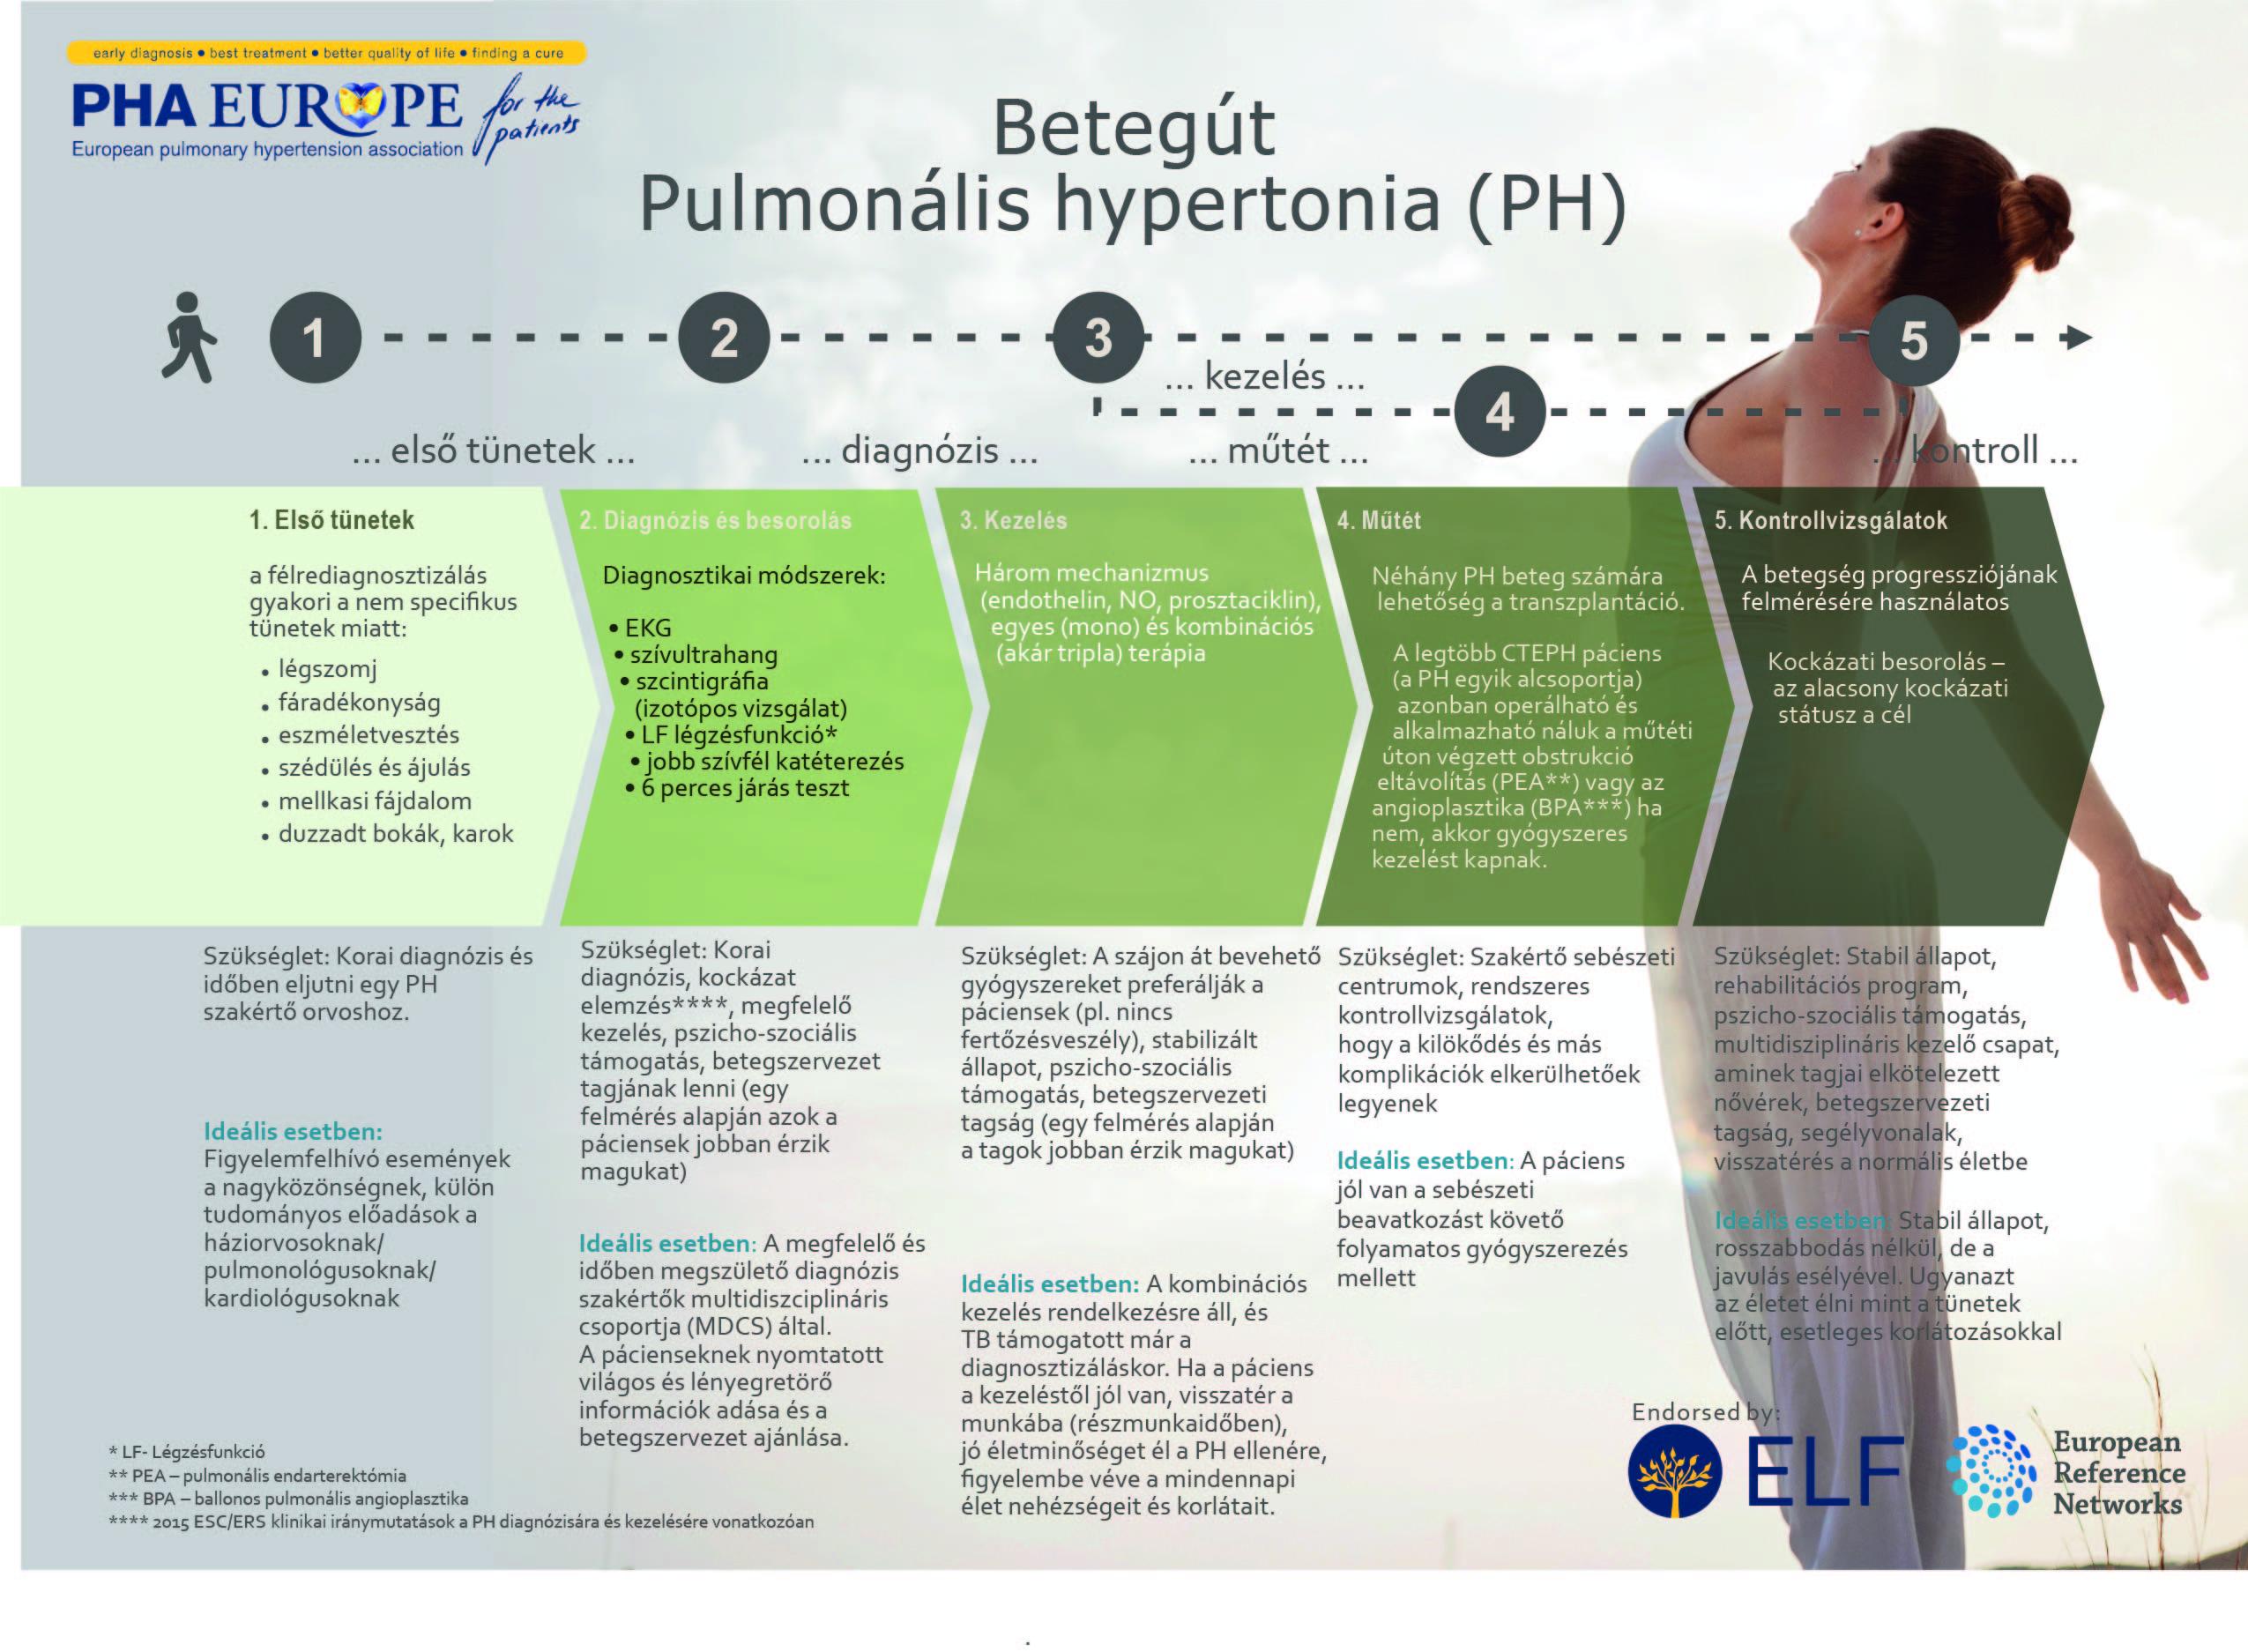 PH Patient Journey 2020 - Betegút